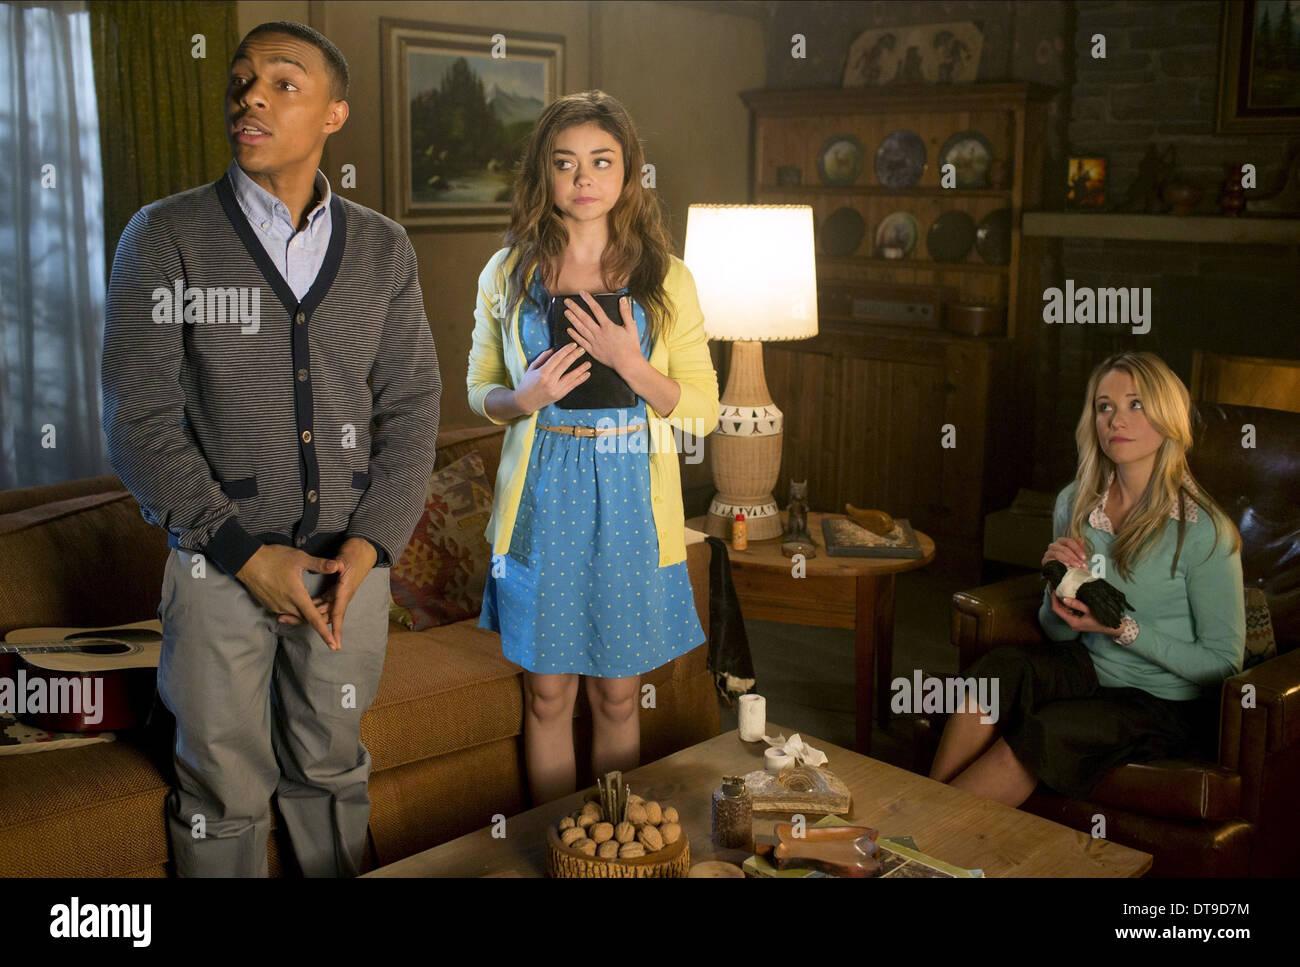 Bow Wow Sarah Hyland Katrina Bowden Scary Movie 5 2013 Stock Photo Alamy